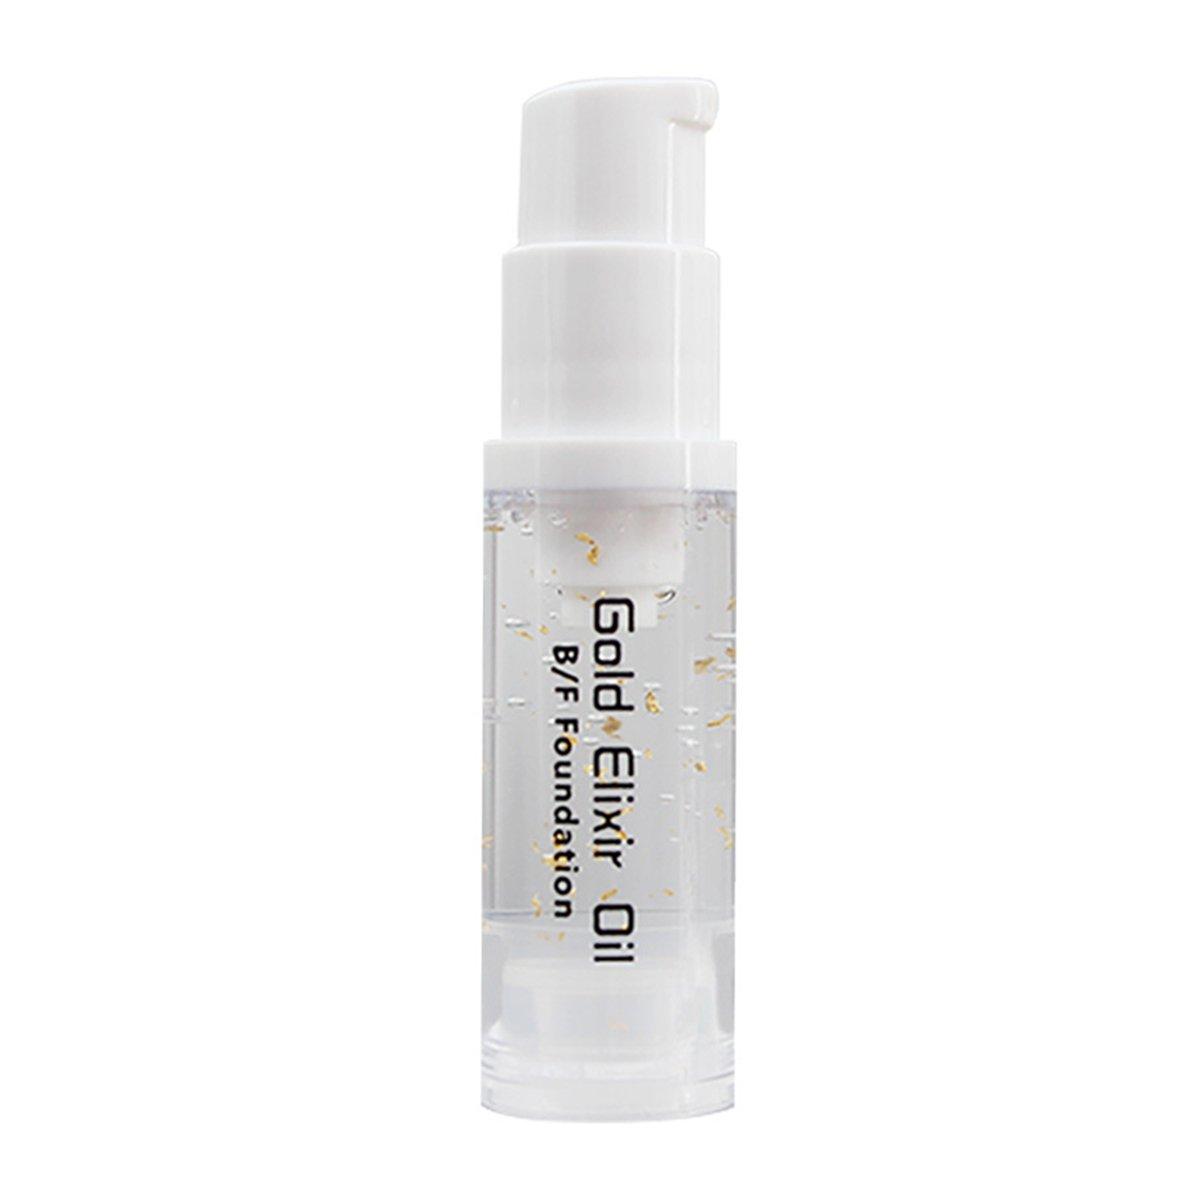 Peng Sheng crema Essence siero antirughe viso viso oro 24K 24K 24K Gold Face Essence siero antirughe viso crema idratante viso crema acido ialuronico siero